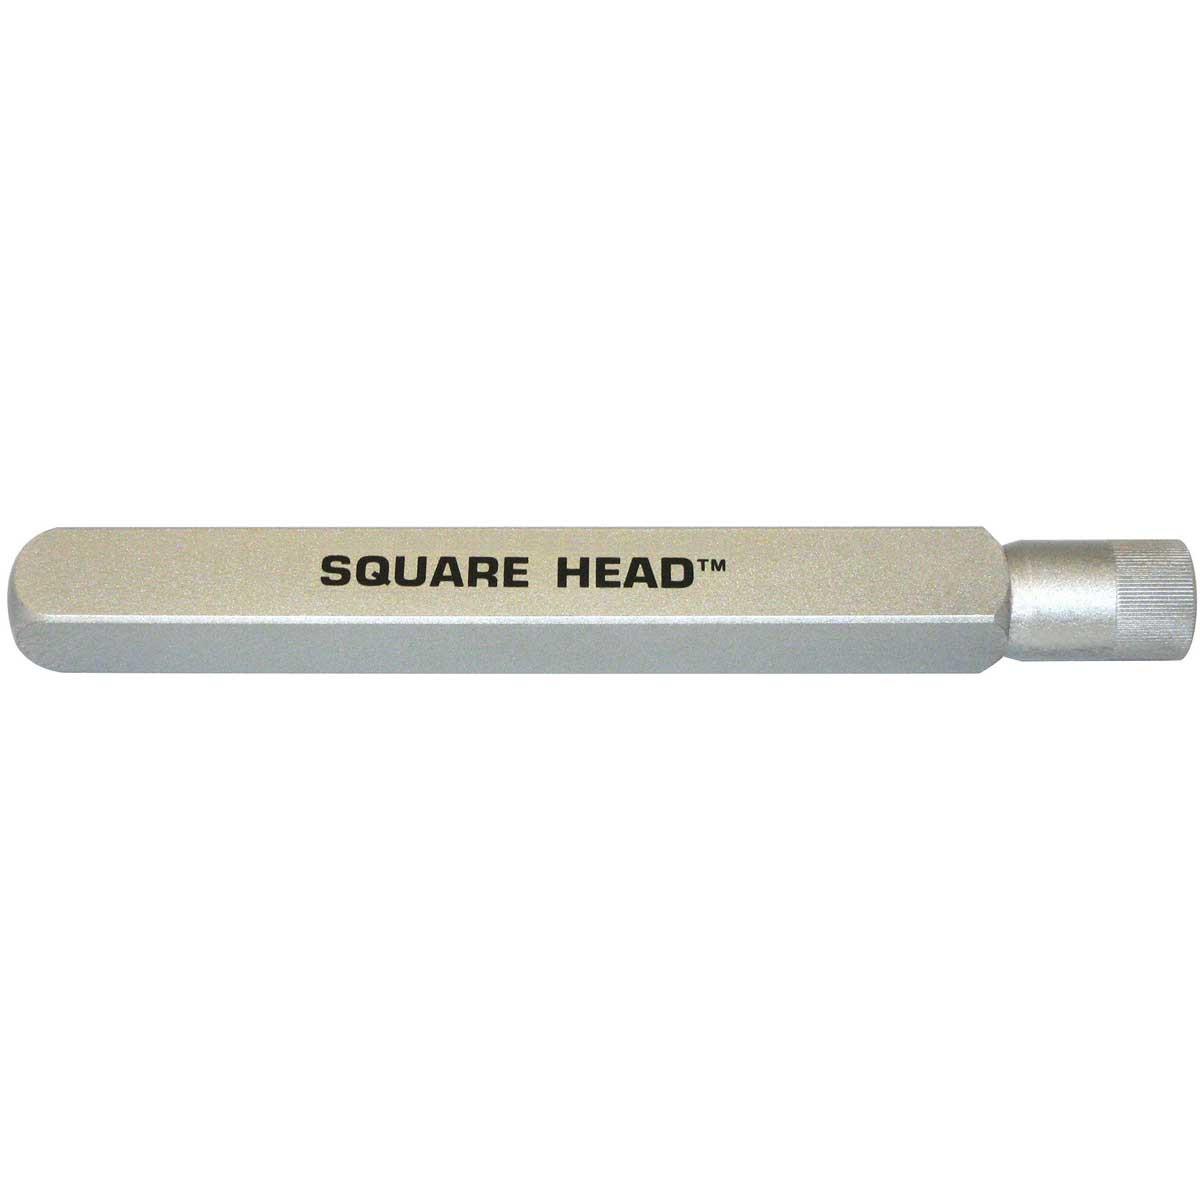 Square Heads Wyco Concrete Vibrator